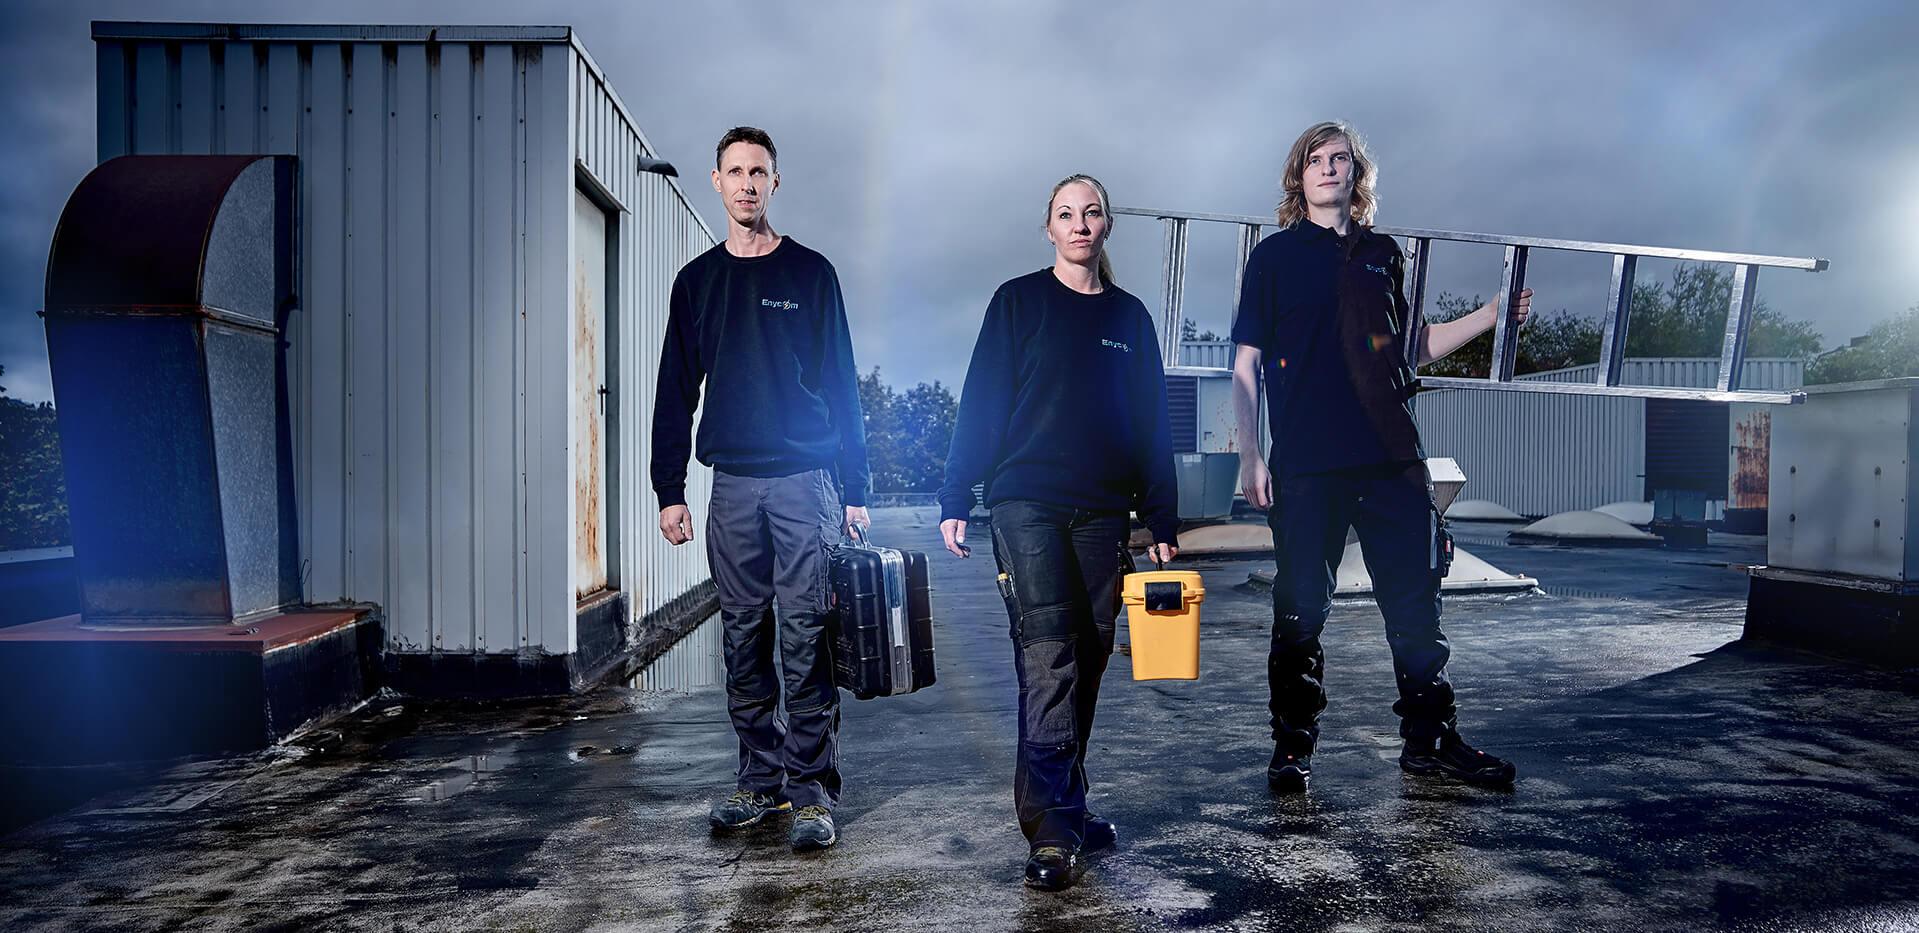 Das Team für Elektrotechnik aus Berlin